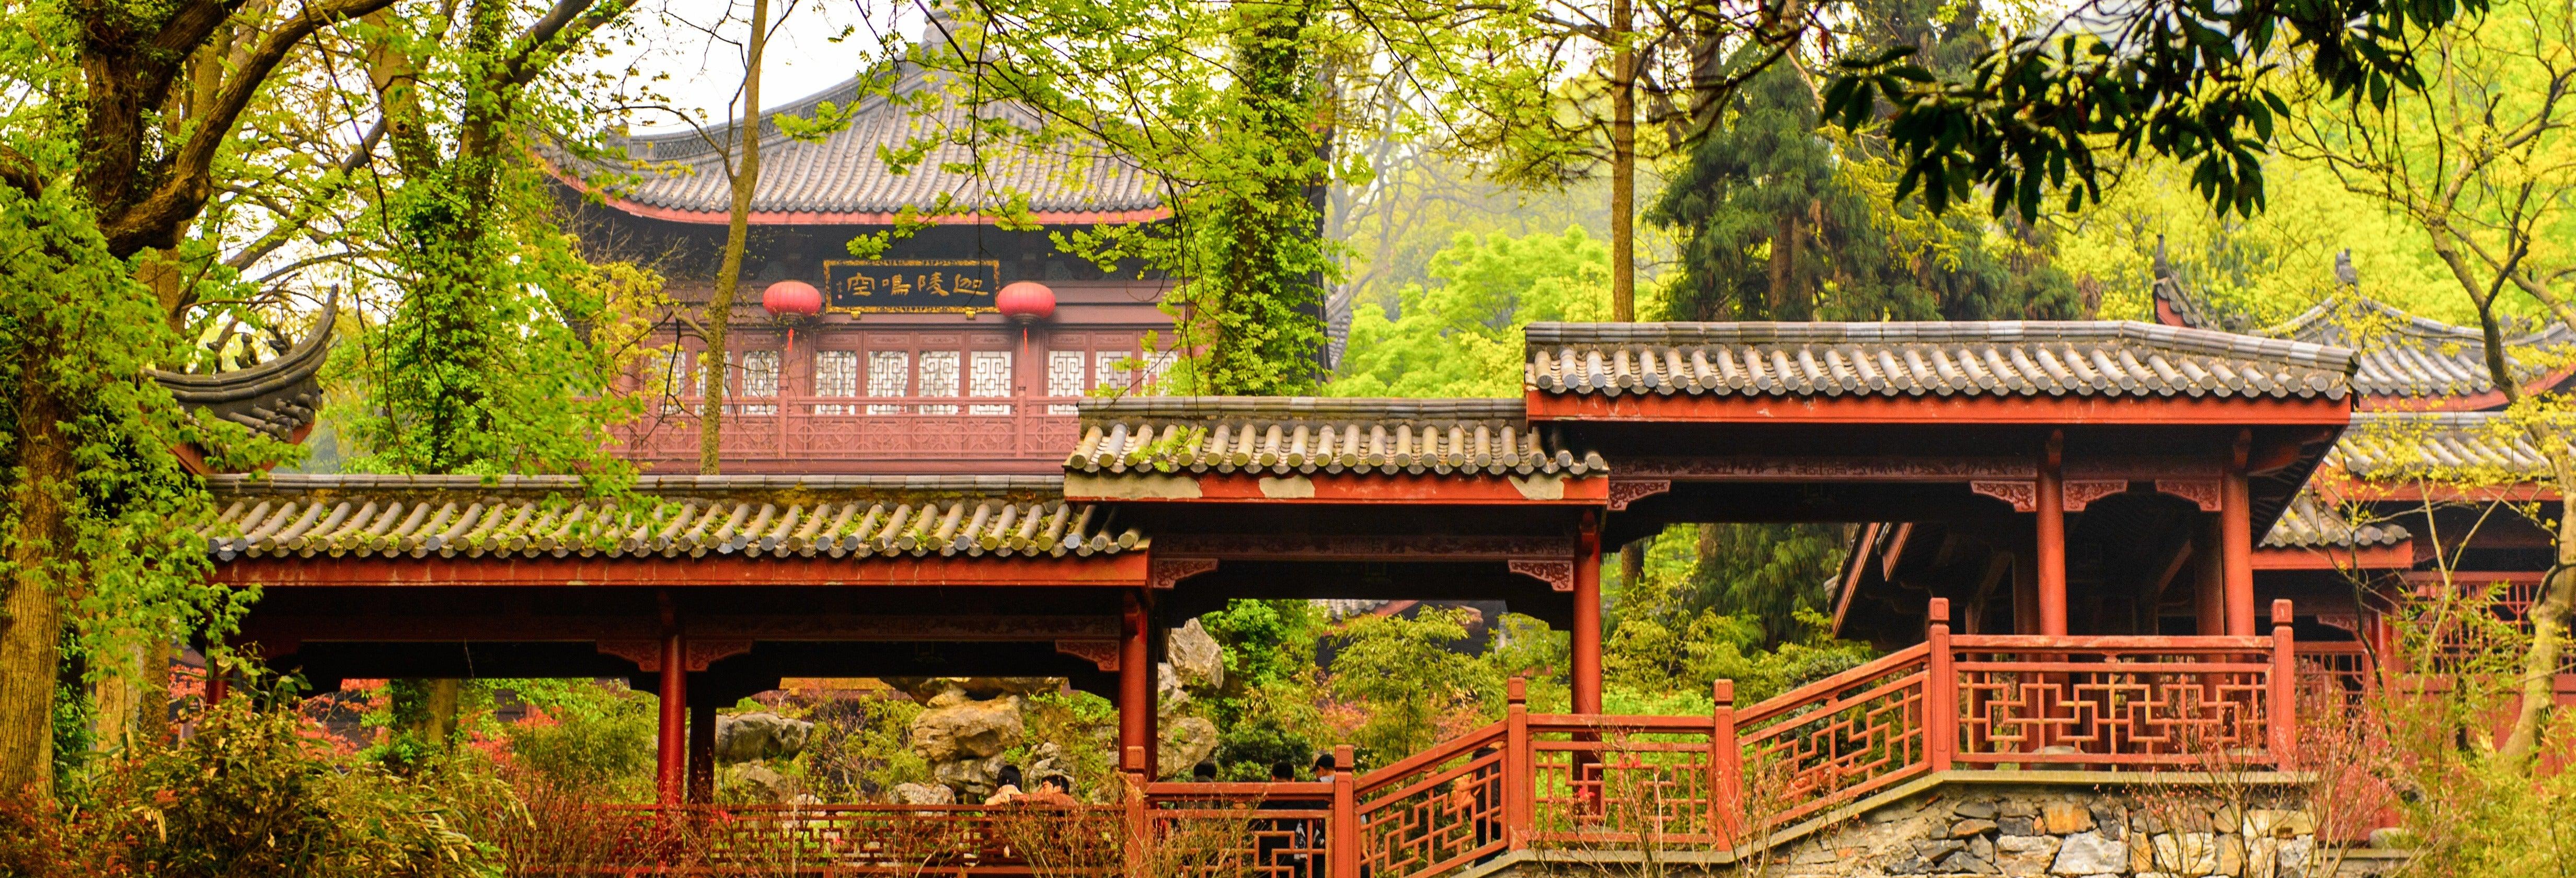 Excursão privada ao Templo de LingYin e Lago do Oeste